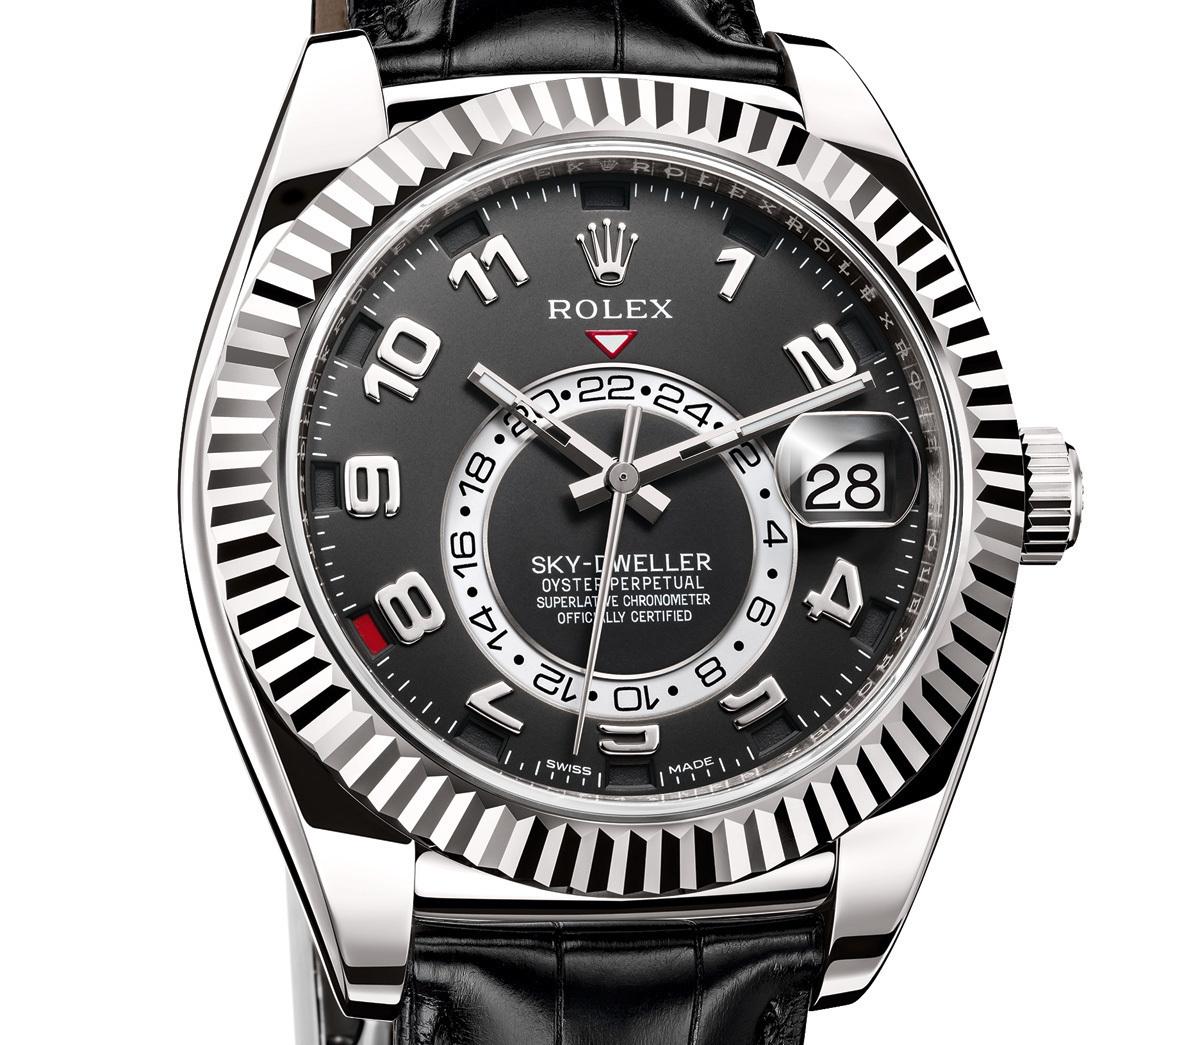 Rolex Sky-Dweller White Gold Black dial.jpg